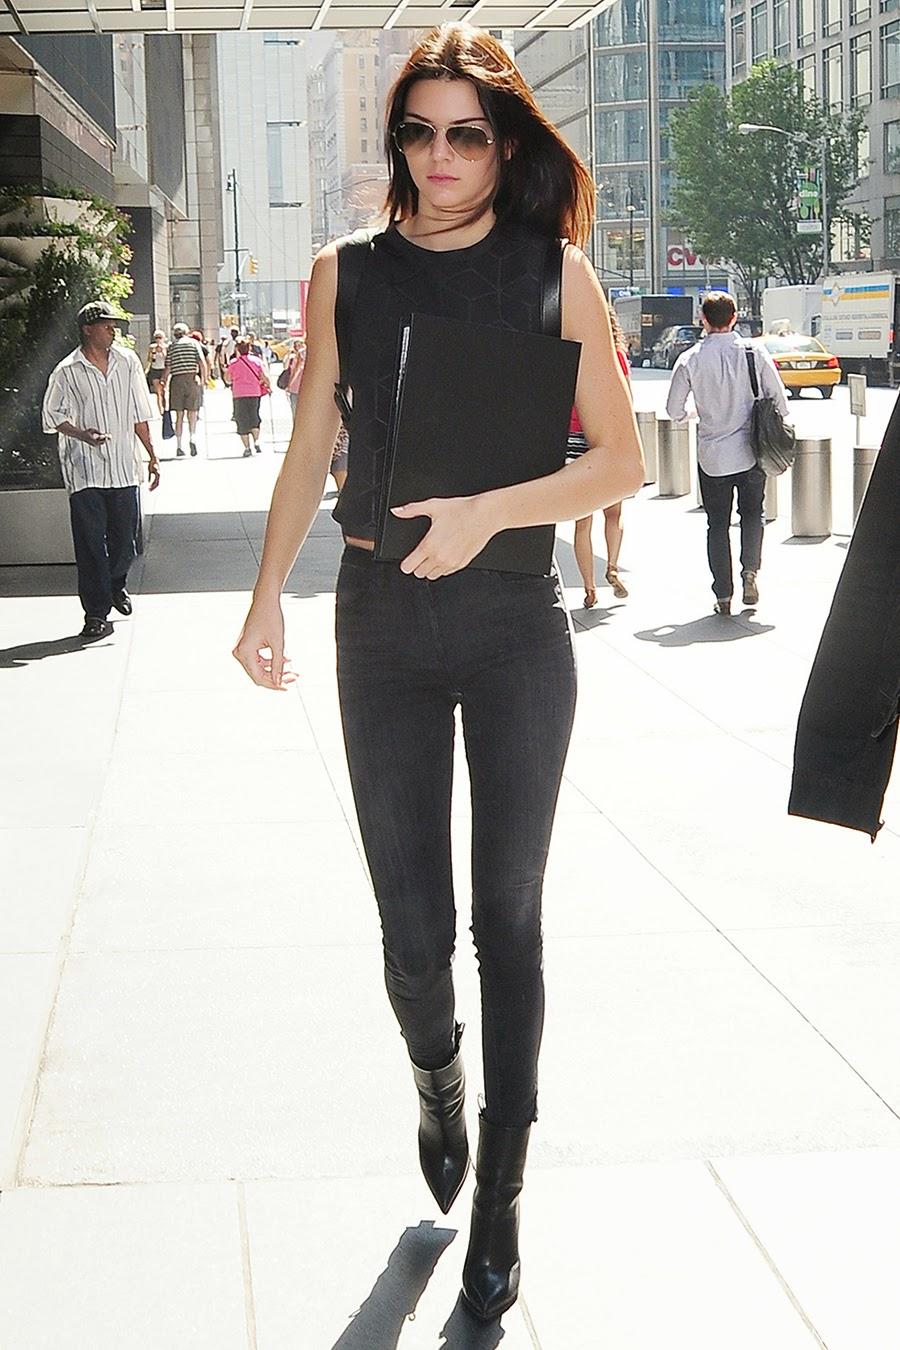 bag celine - Kendall Jenner out in New York City, New York - September 2, 2014 ...